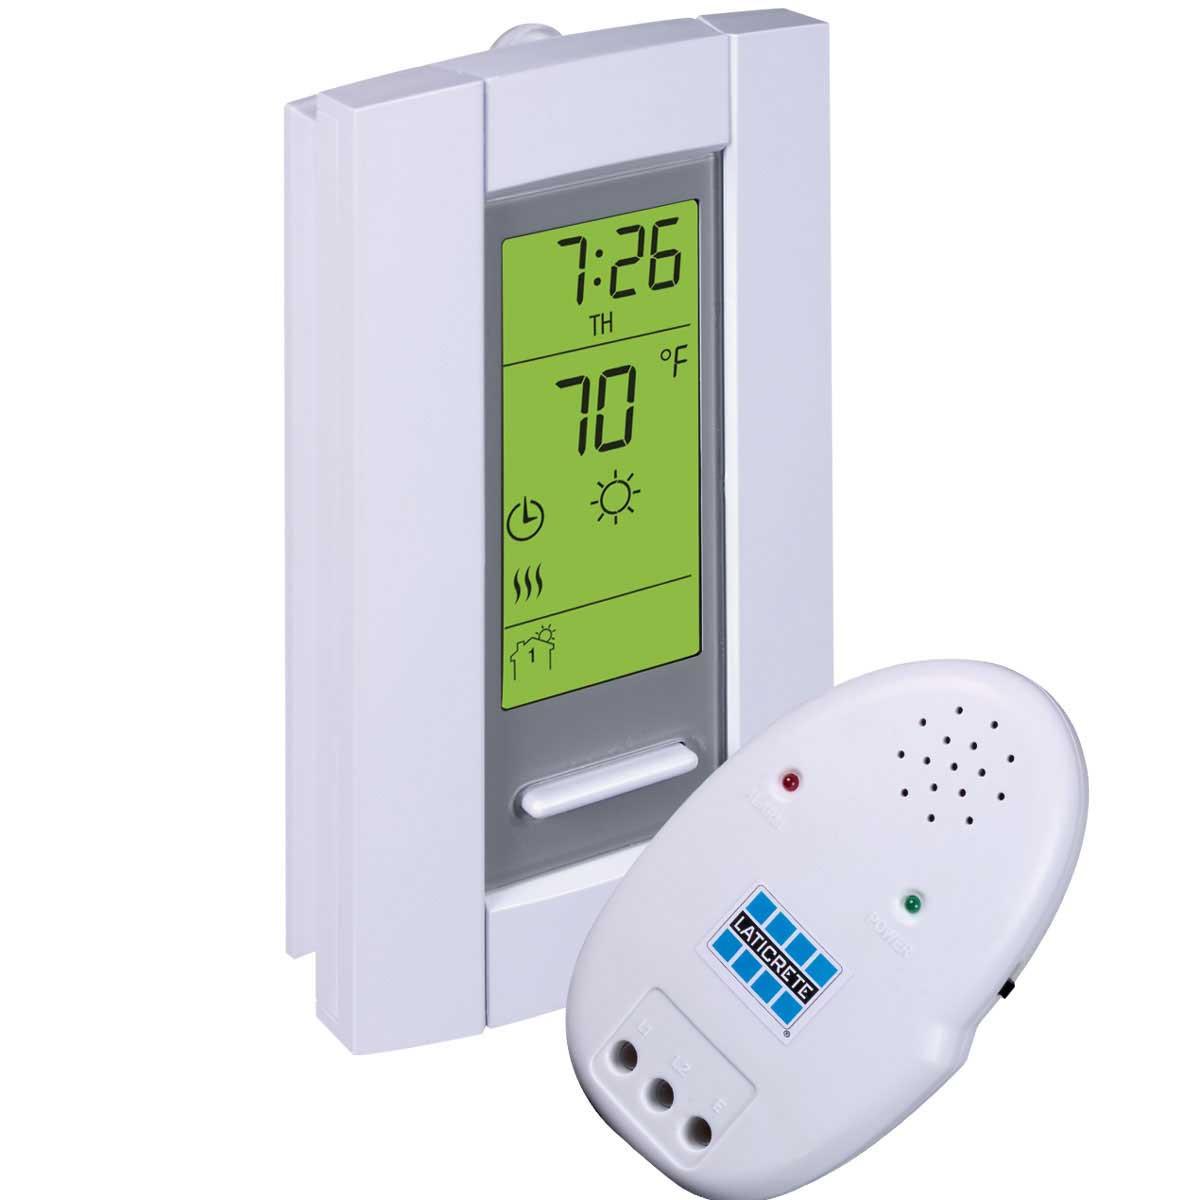 Laticrete Floor Heat Kit Thermostat